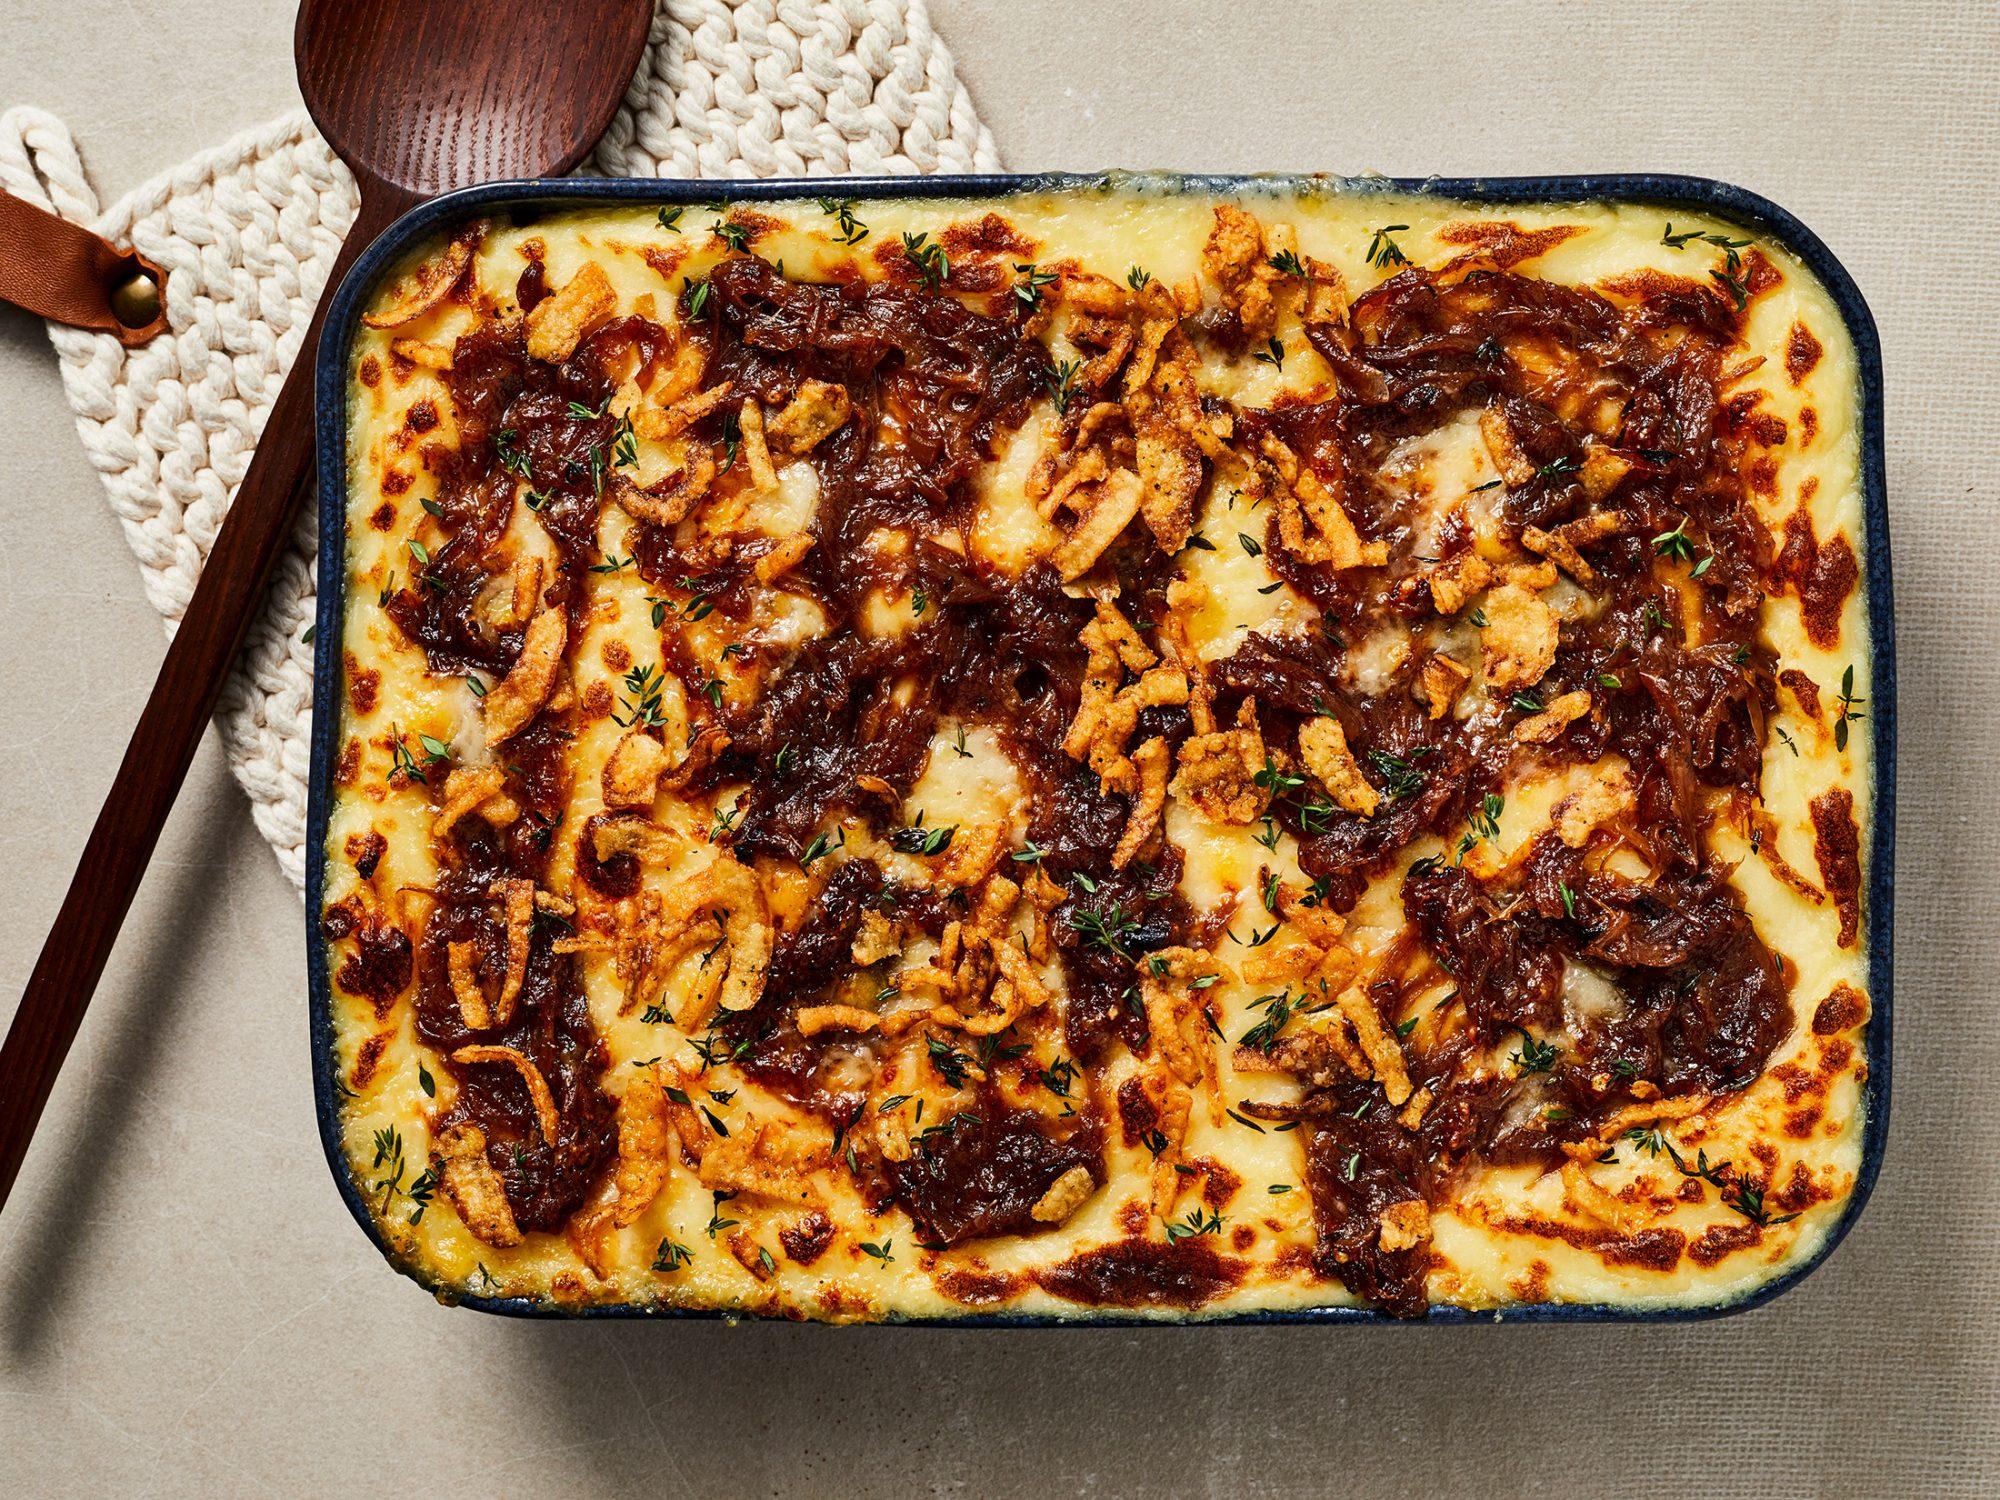 French Onion Mashed Potatoes image